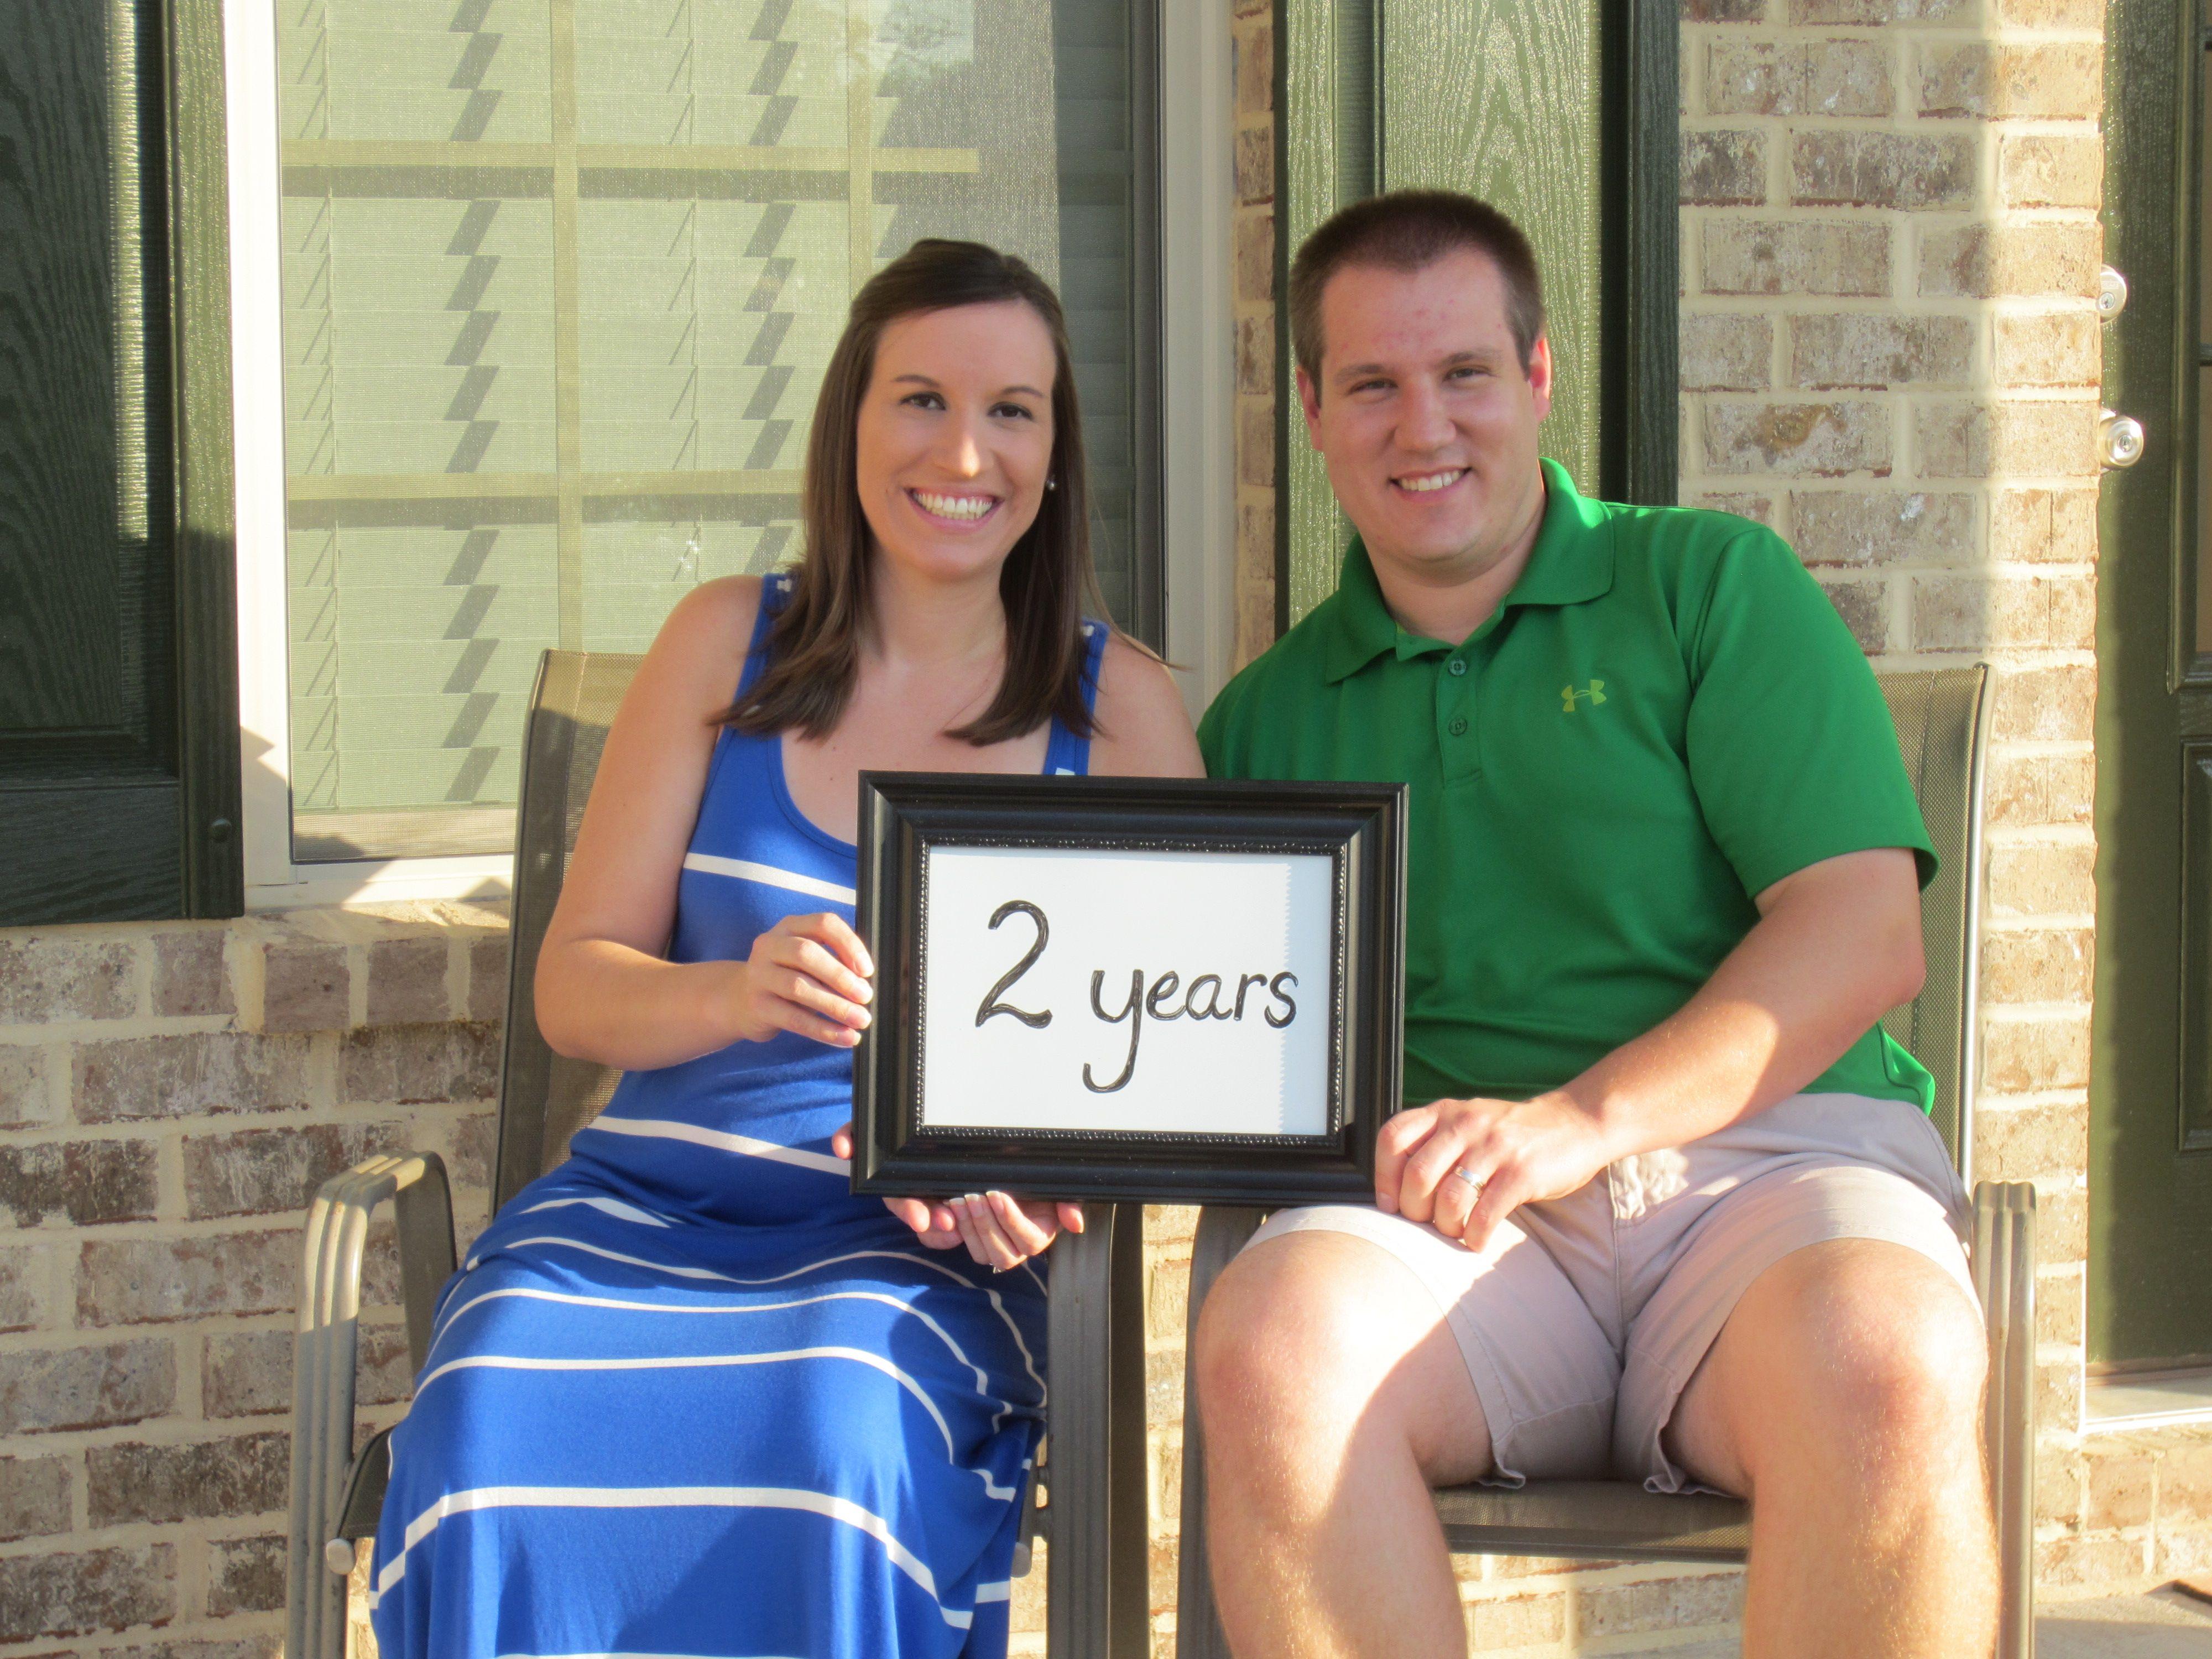 Happy 2 Year Anniversary!